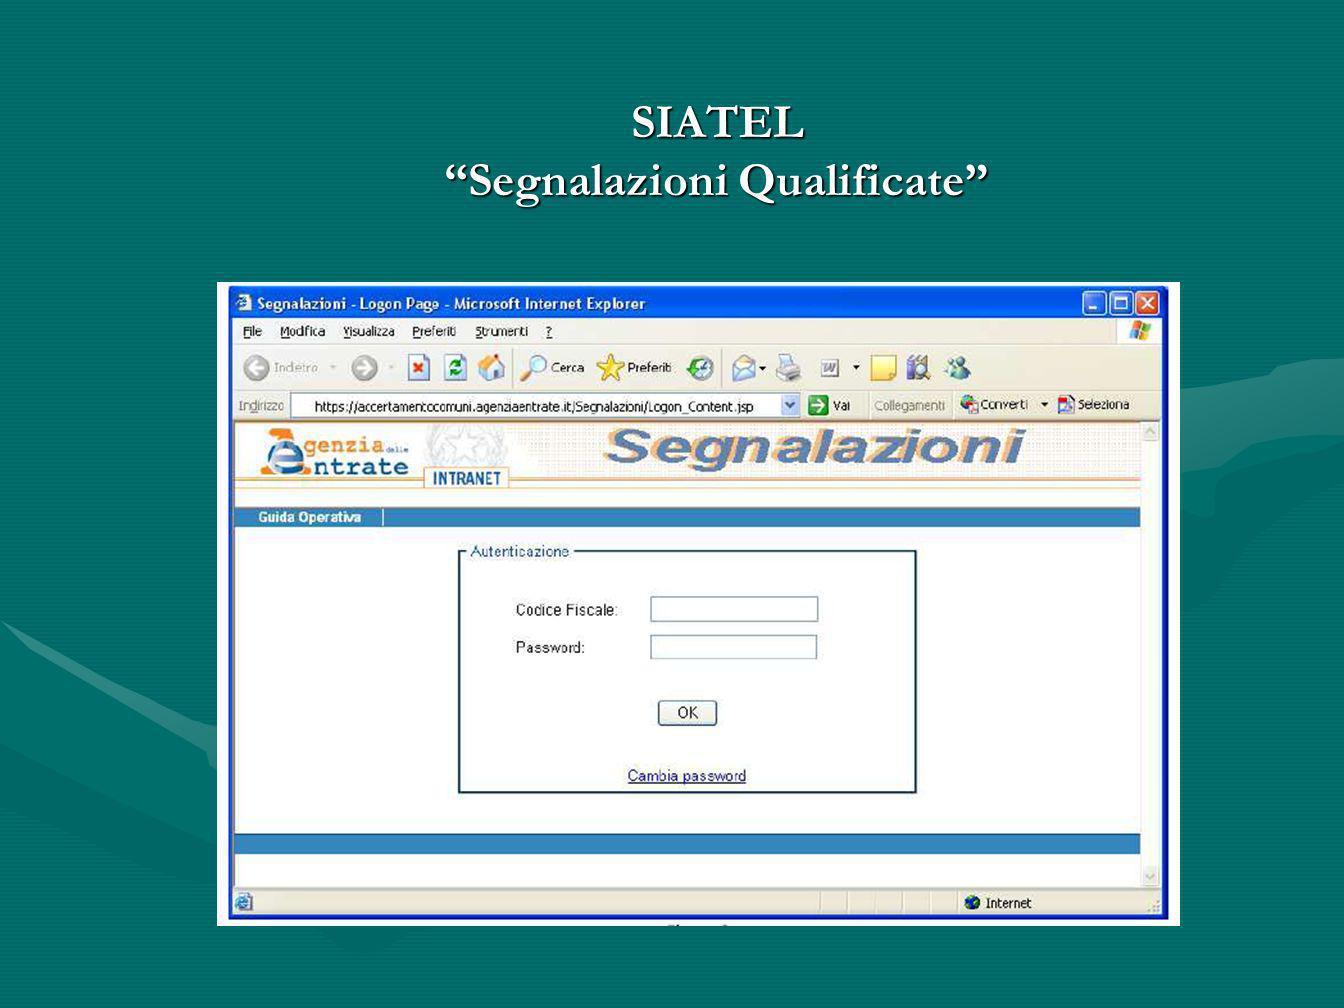 SIATEL Segnalazioni Qualificate